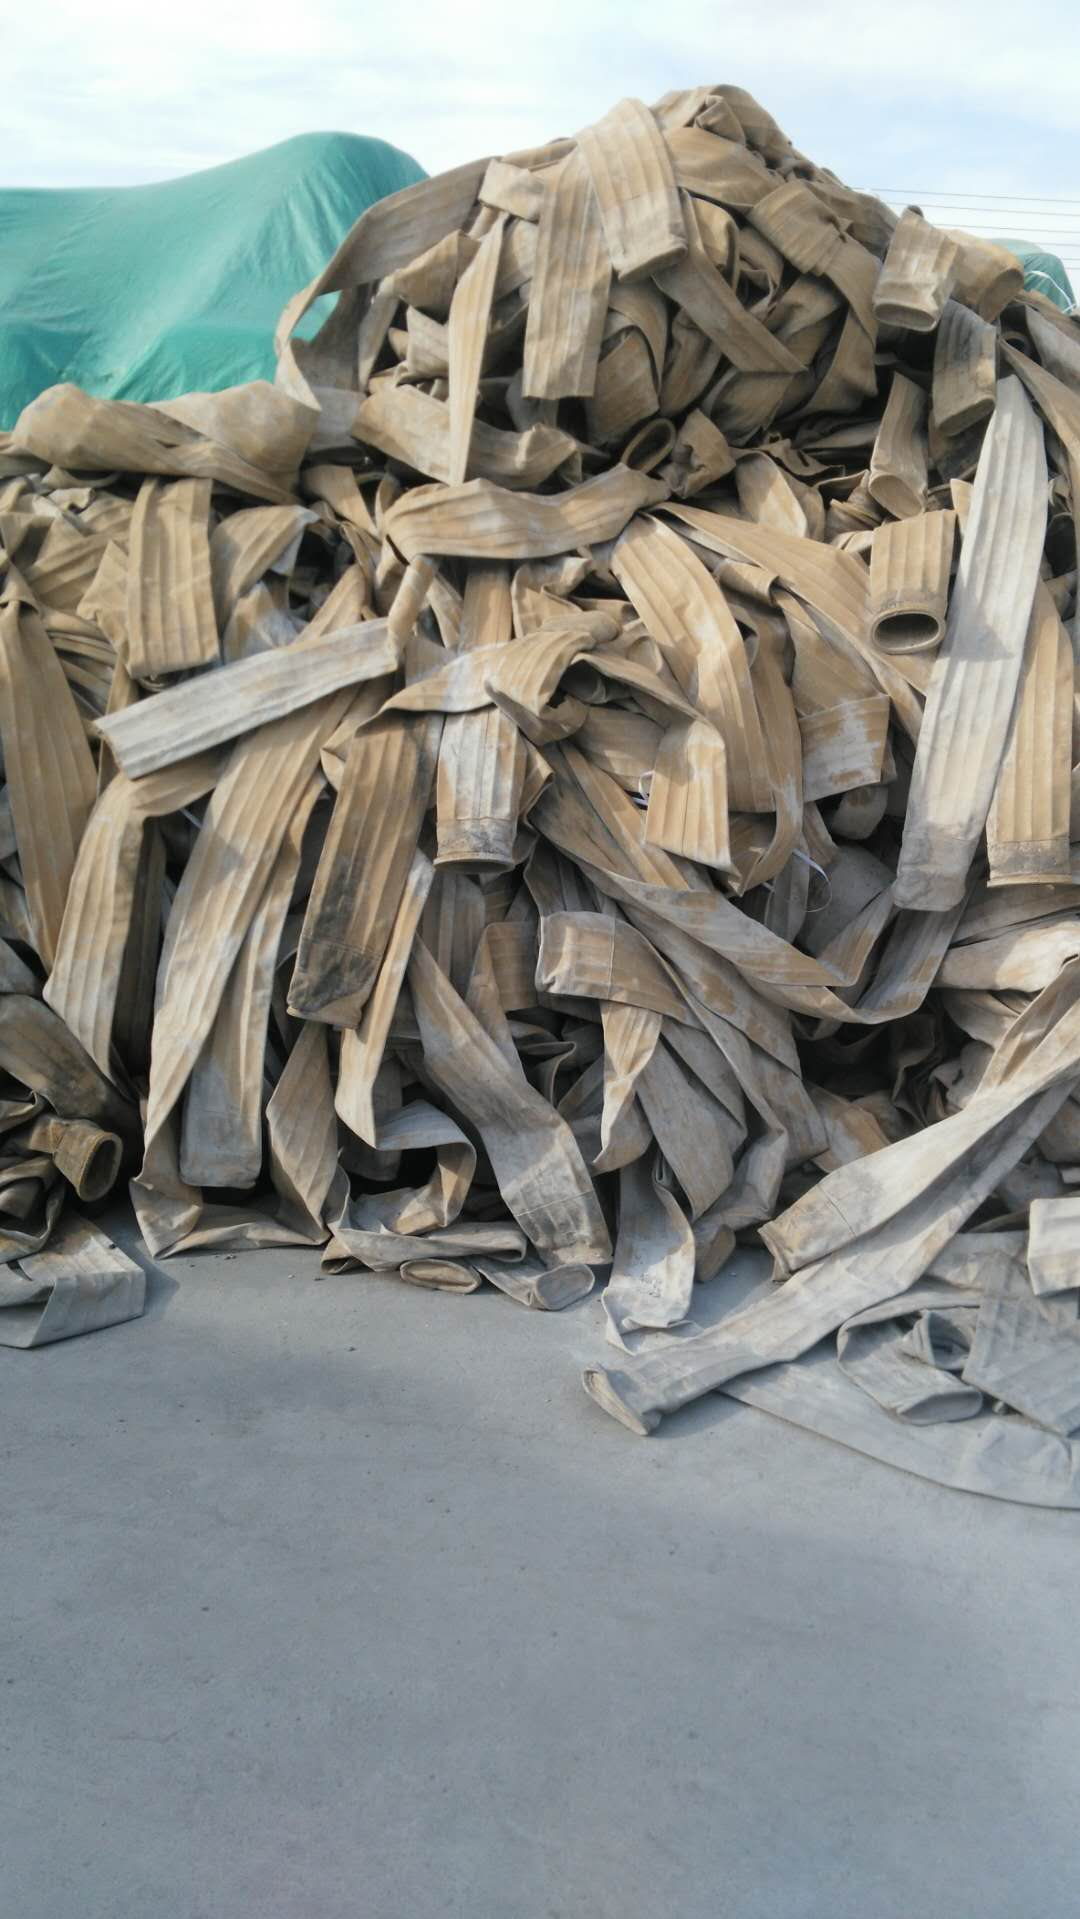 金穗纺织-专业的回收废旧除尘滤袋公司_优惠的回收废旧除尘布袋